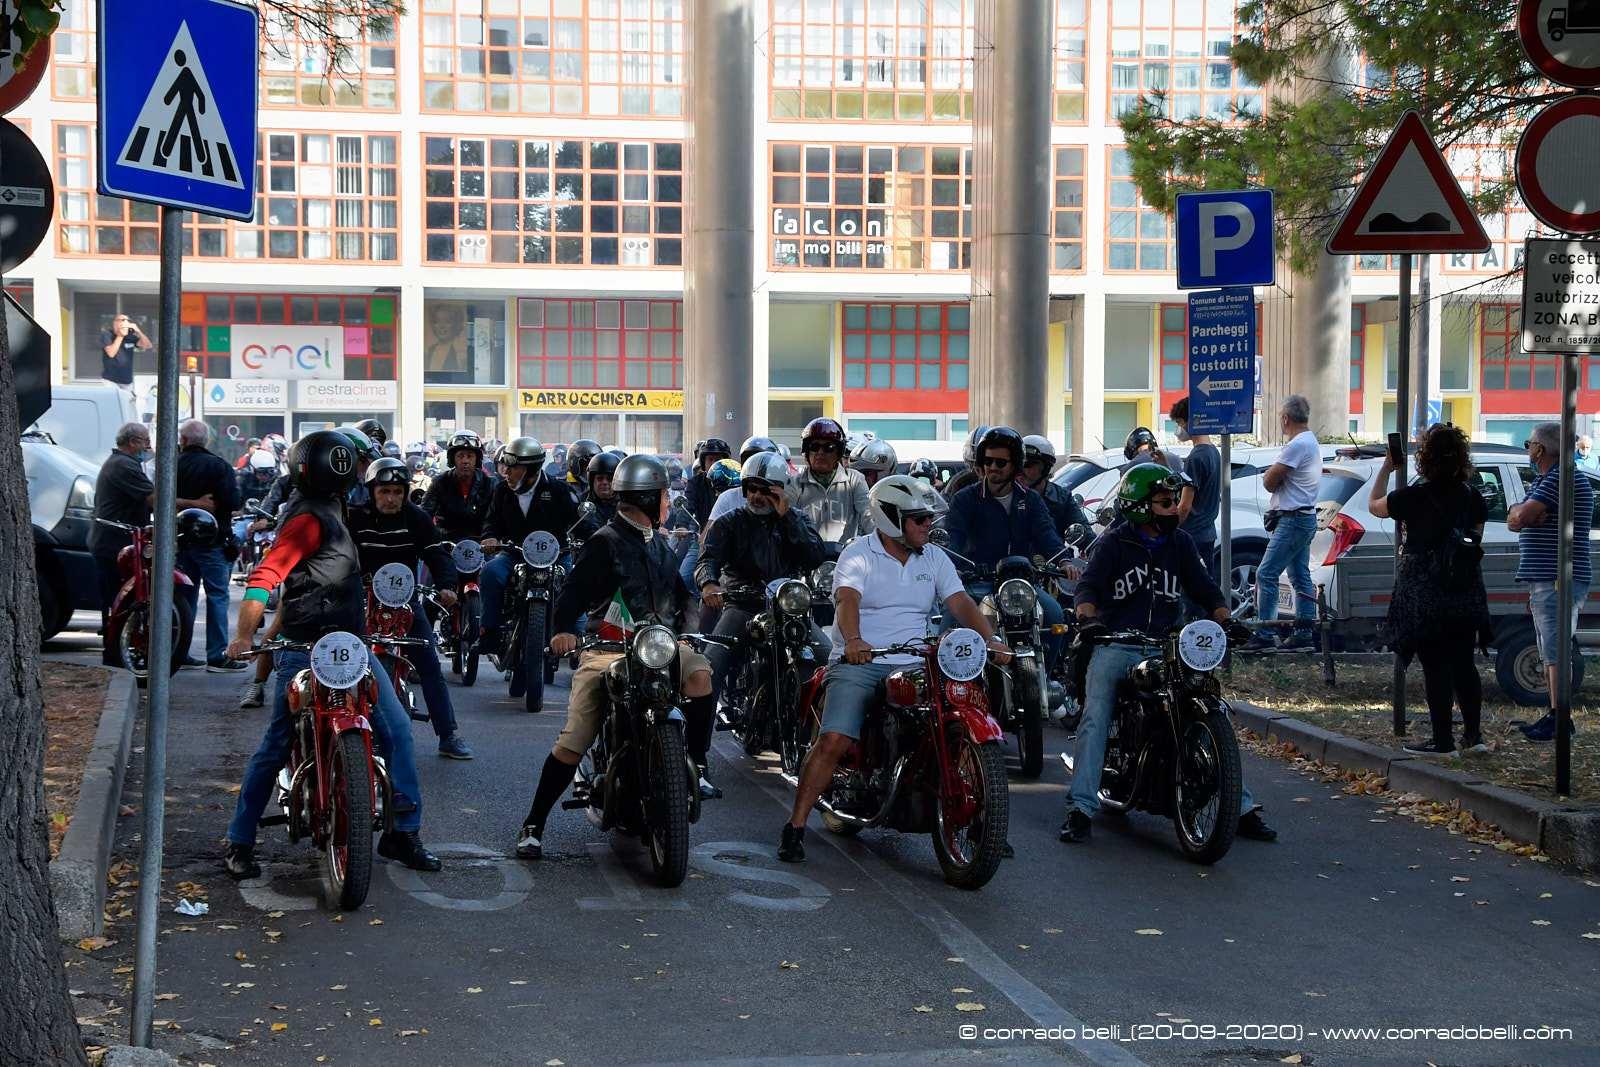 0019-La-Musica-della-moto_20-09-20